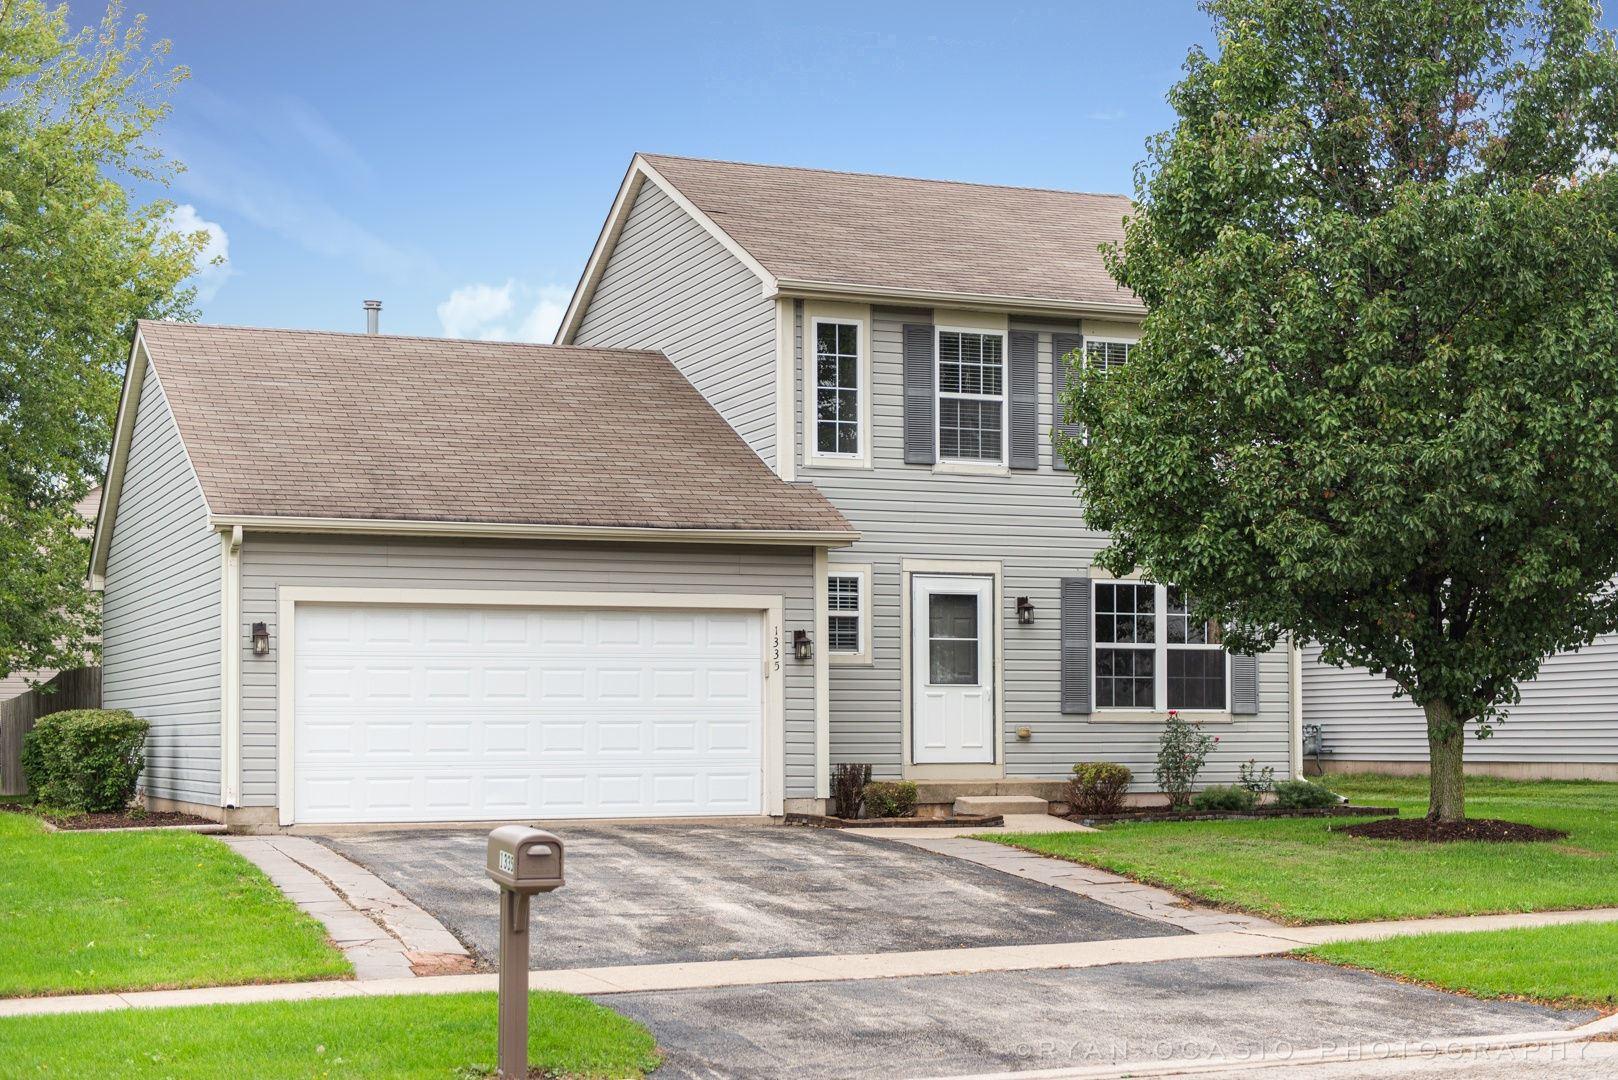 1335 Sunflower Drive, DeKalb, IL 60115 - #: 11244879